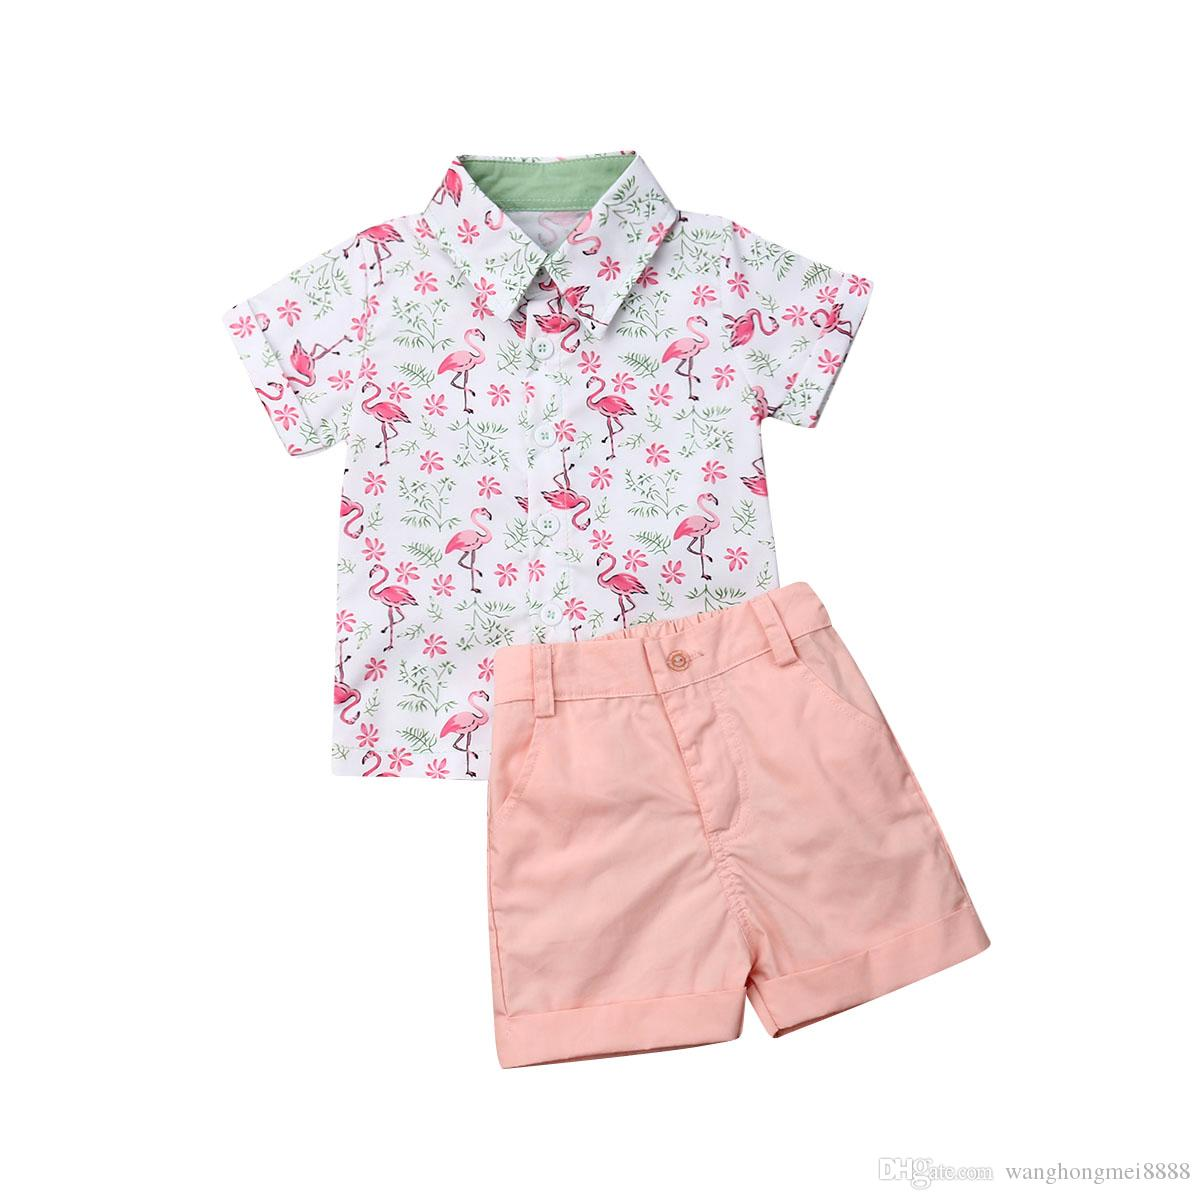 Emmababy 2019 de verano Moda Bebé niño niños ropa de niño Flamenco tapas de la camisa + pantalones de caballero Ropa de playa Trajes 2pcs